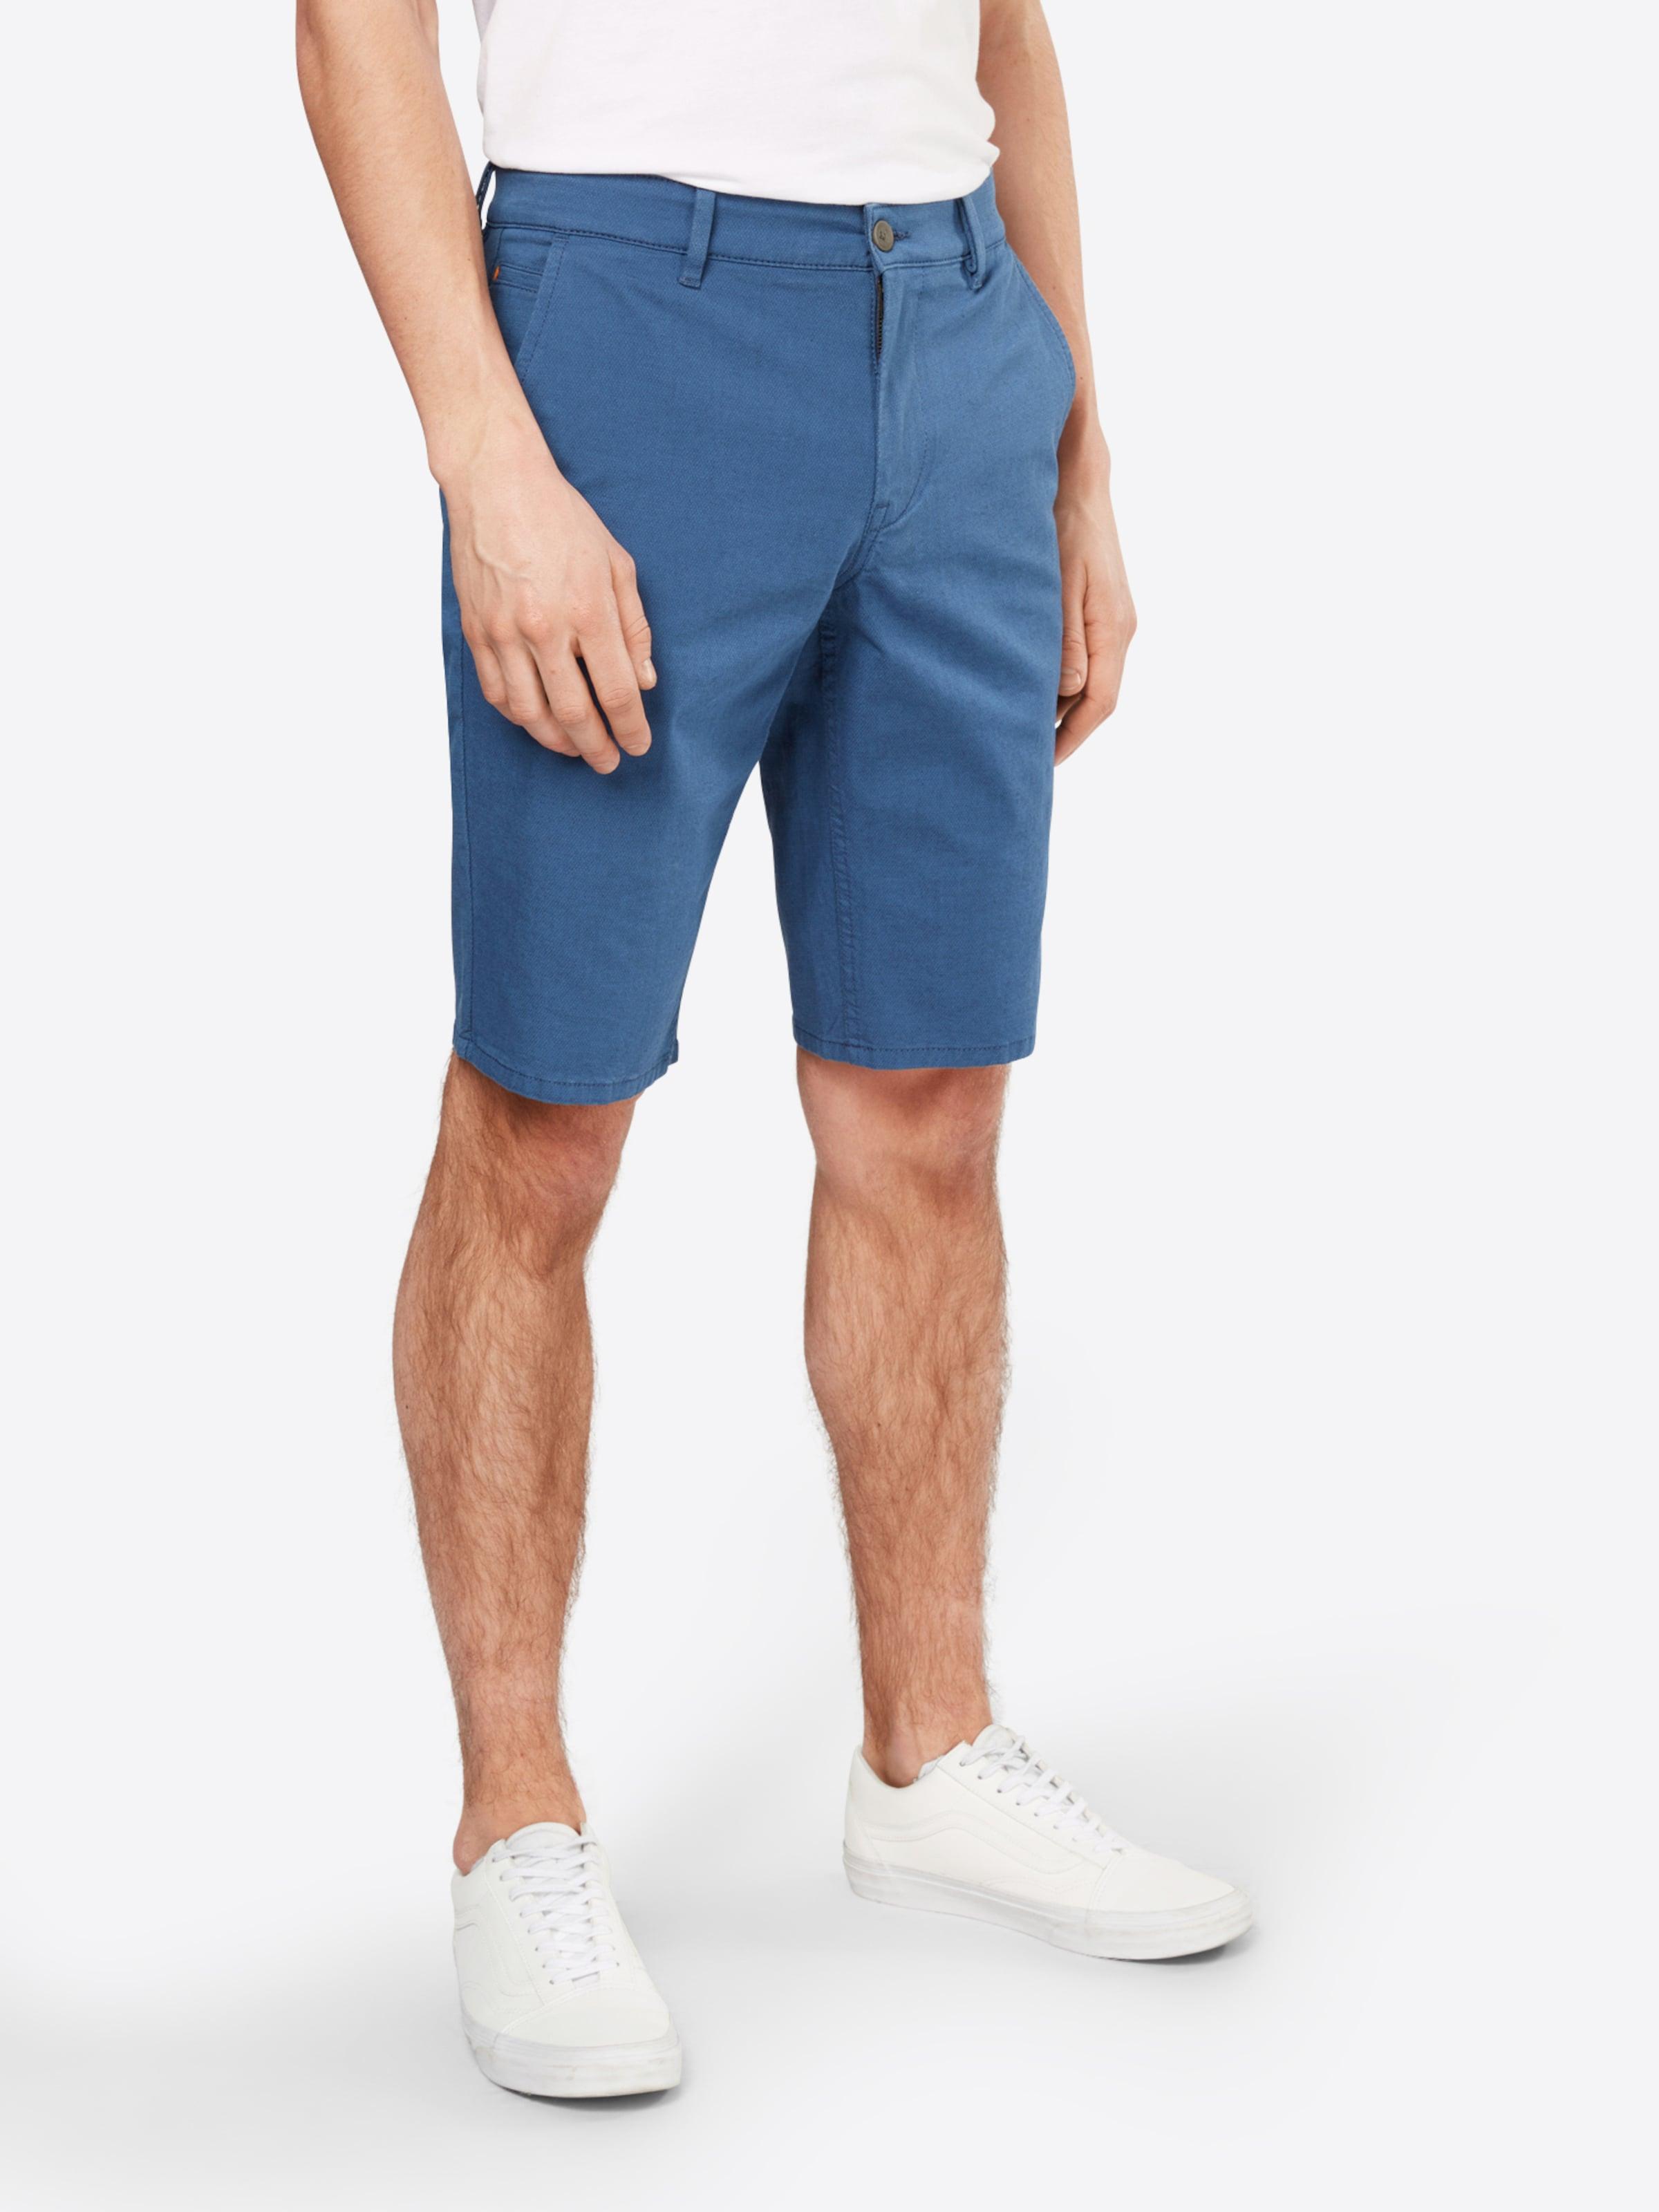 ShortsCW' Chino BOSS Chino ShortsCW' Slim 'Schino BOSS 'Schino Shorts Slim Shorts PTHqvgF6P